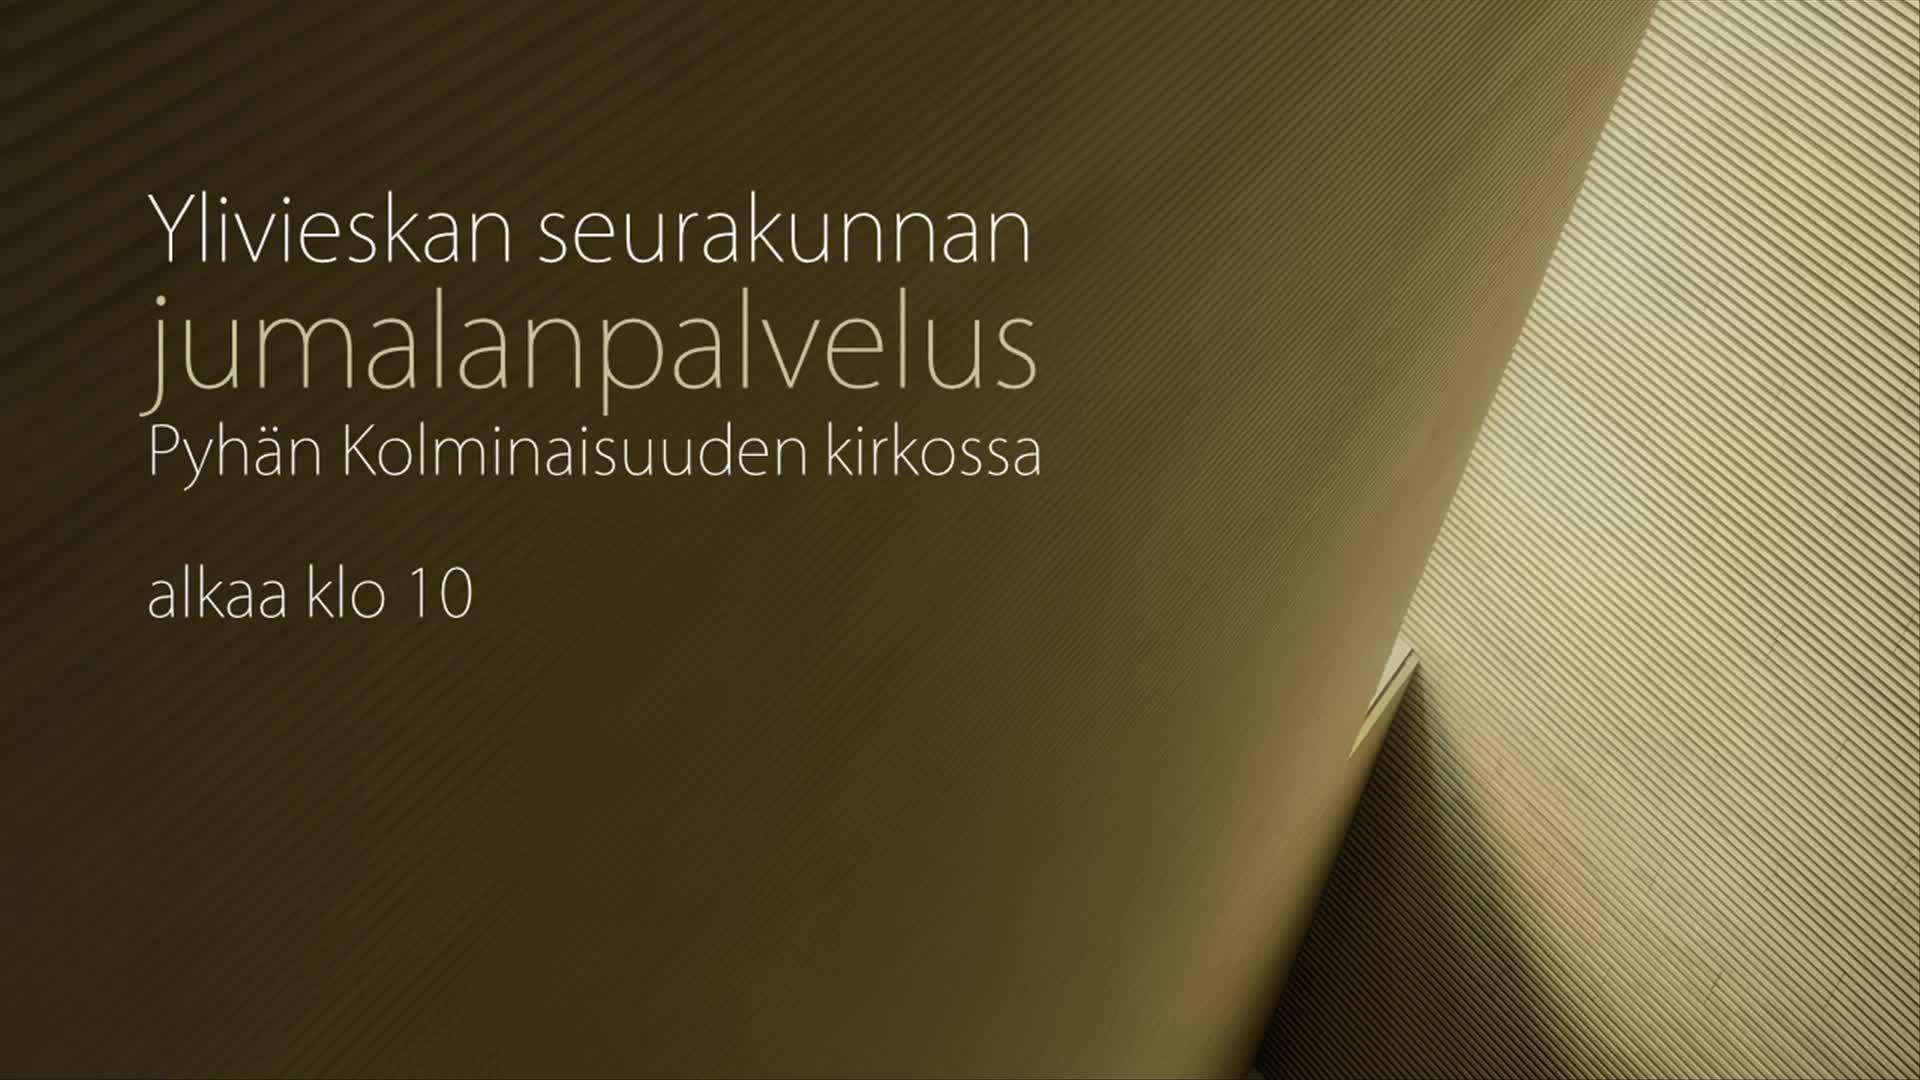 Kellotapulin siunaamisen jälkeinen piispanmessu 5.10.2021 Pyhän Kolminaisuuden kirkossa